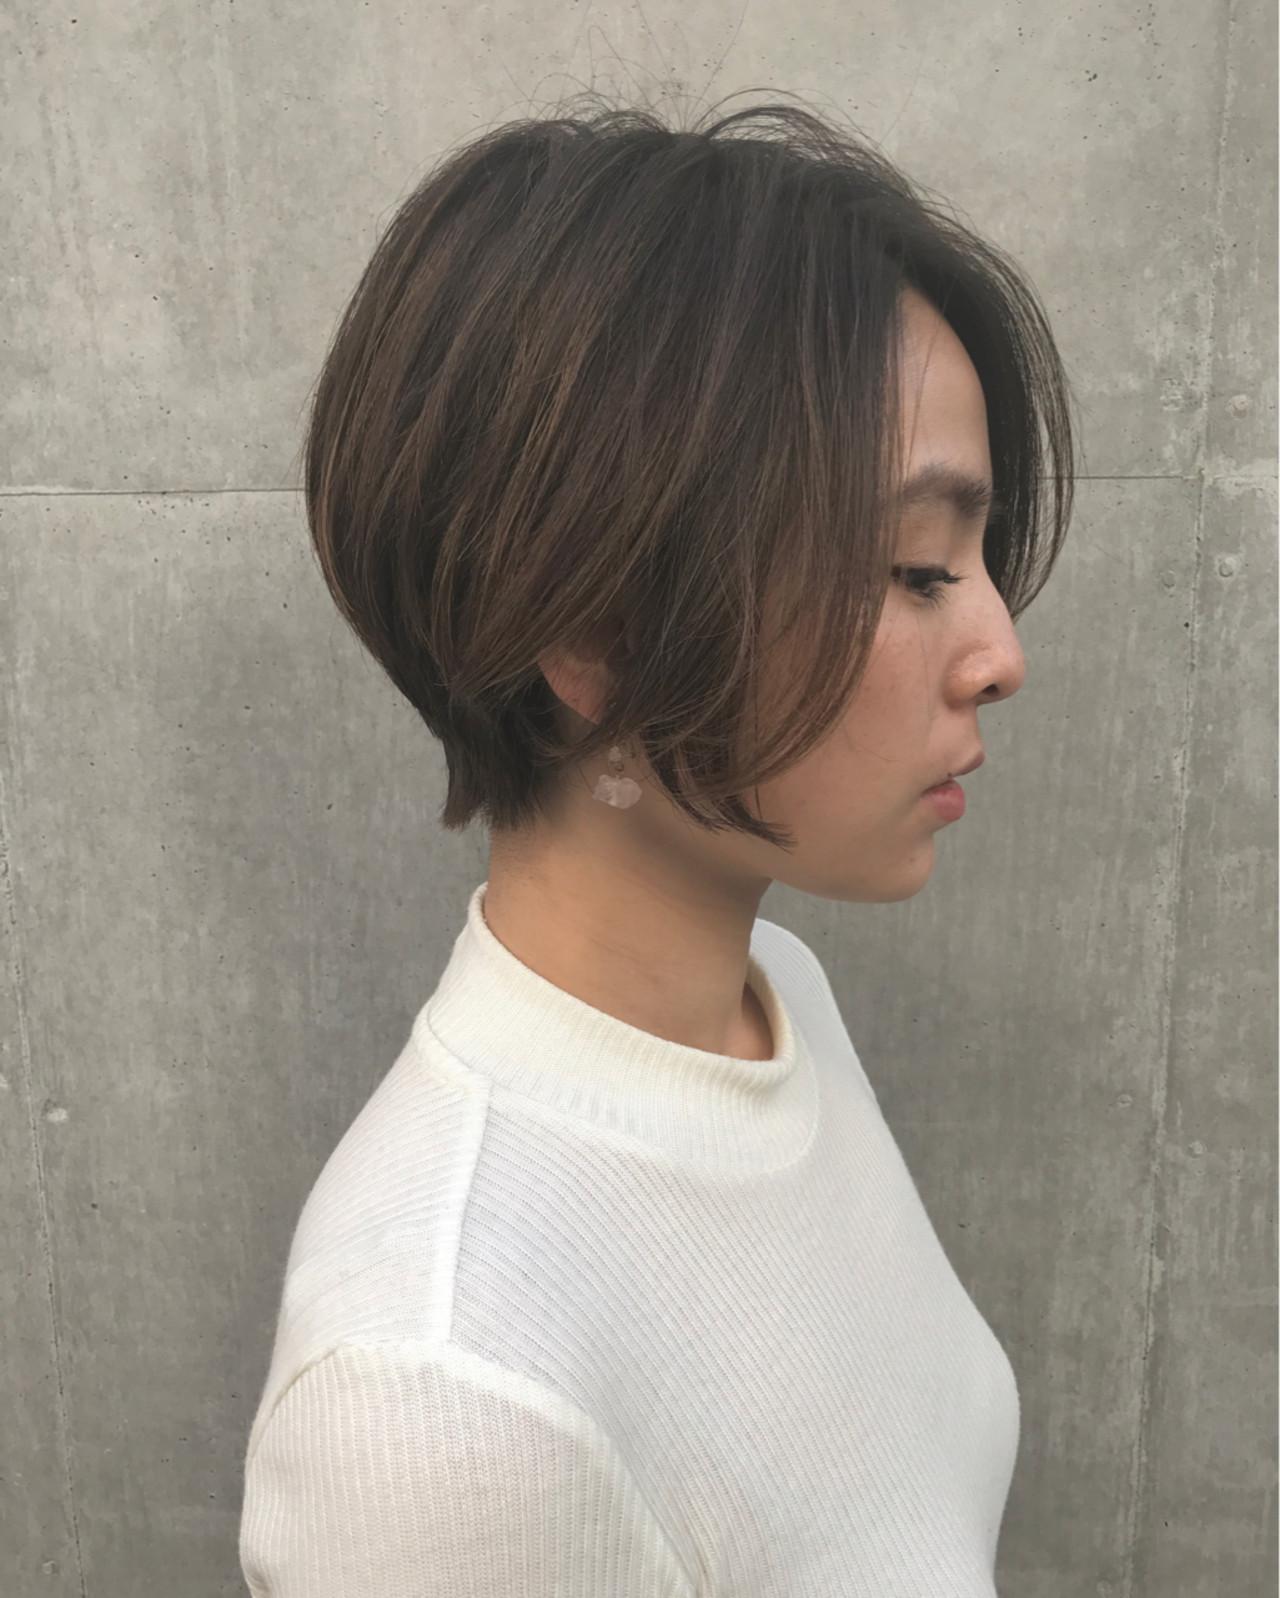 ニュアンス ショート 冬 似合わせヘアスタイルや髪型の写真・画像